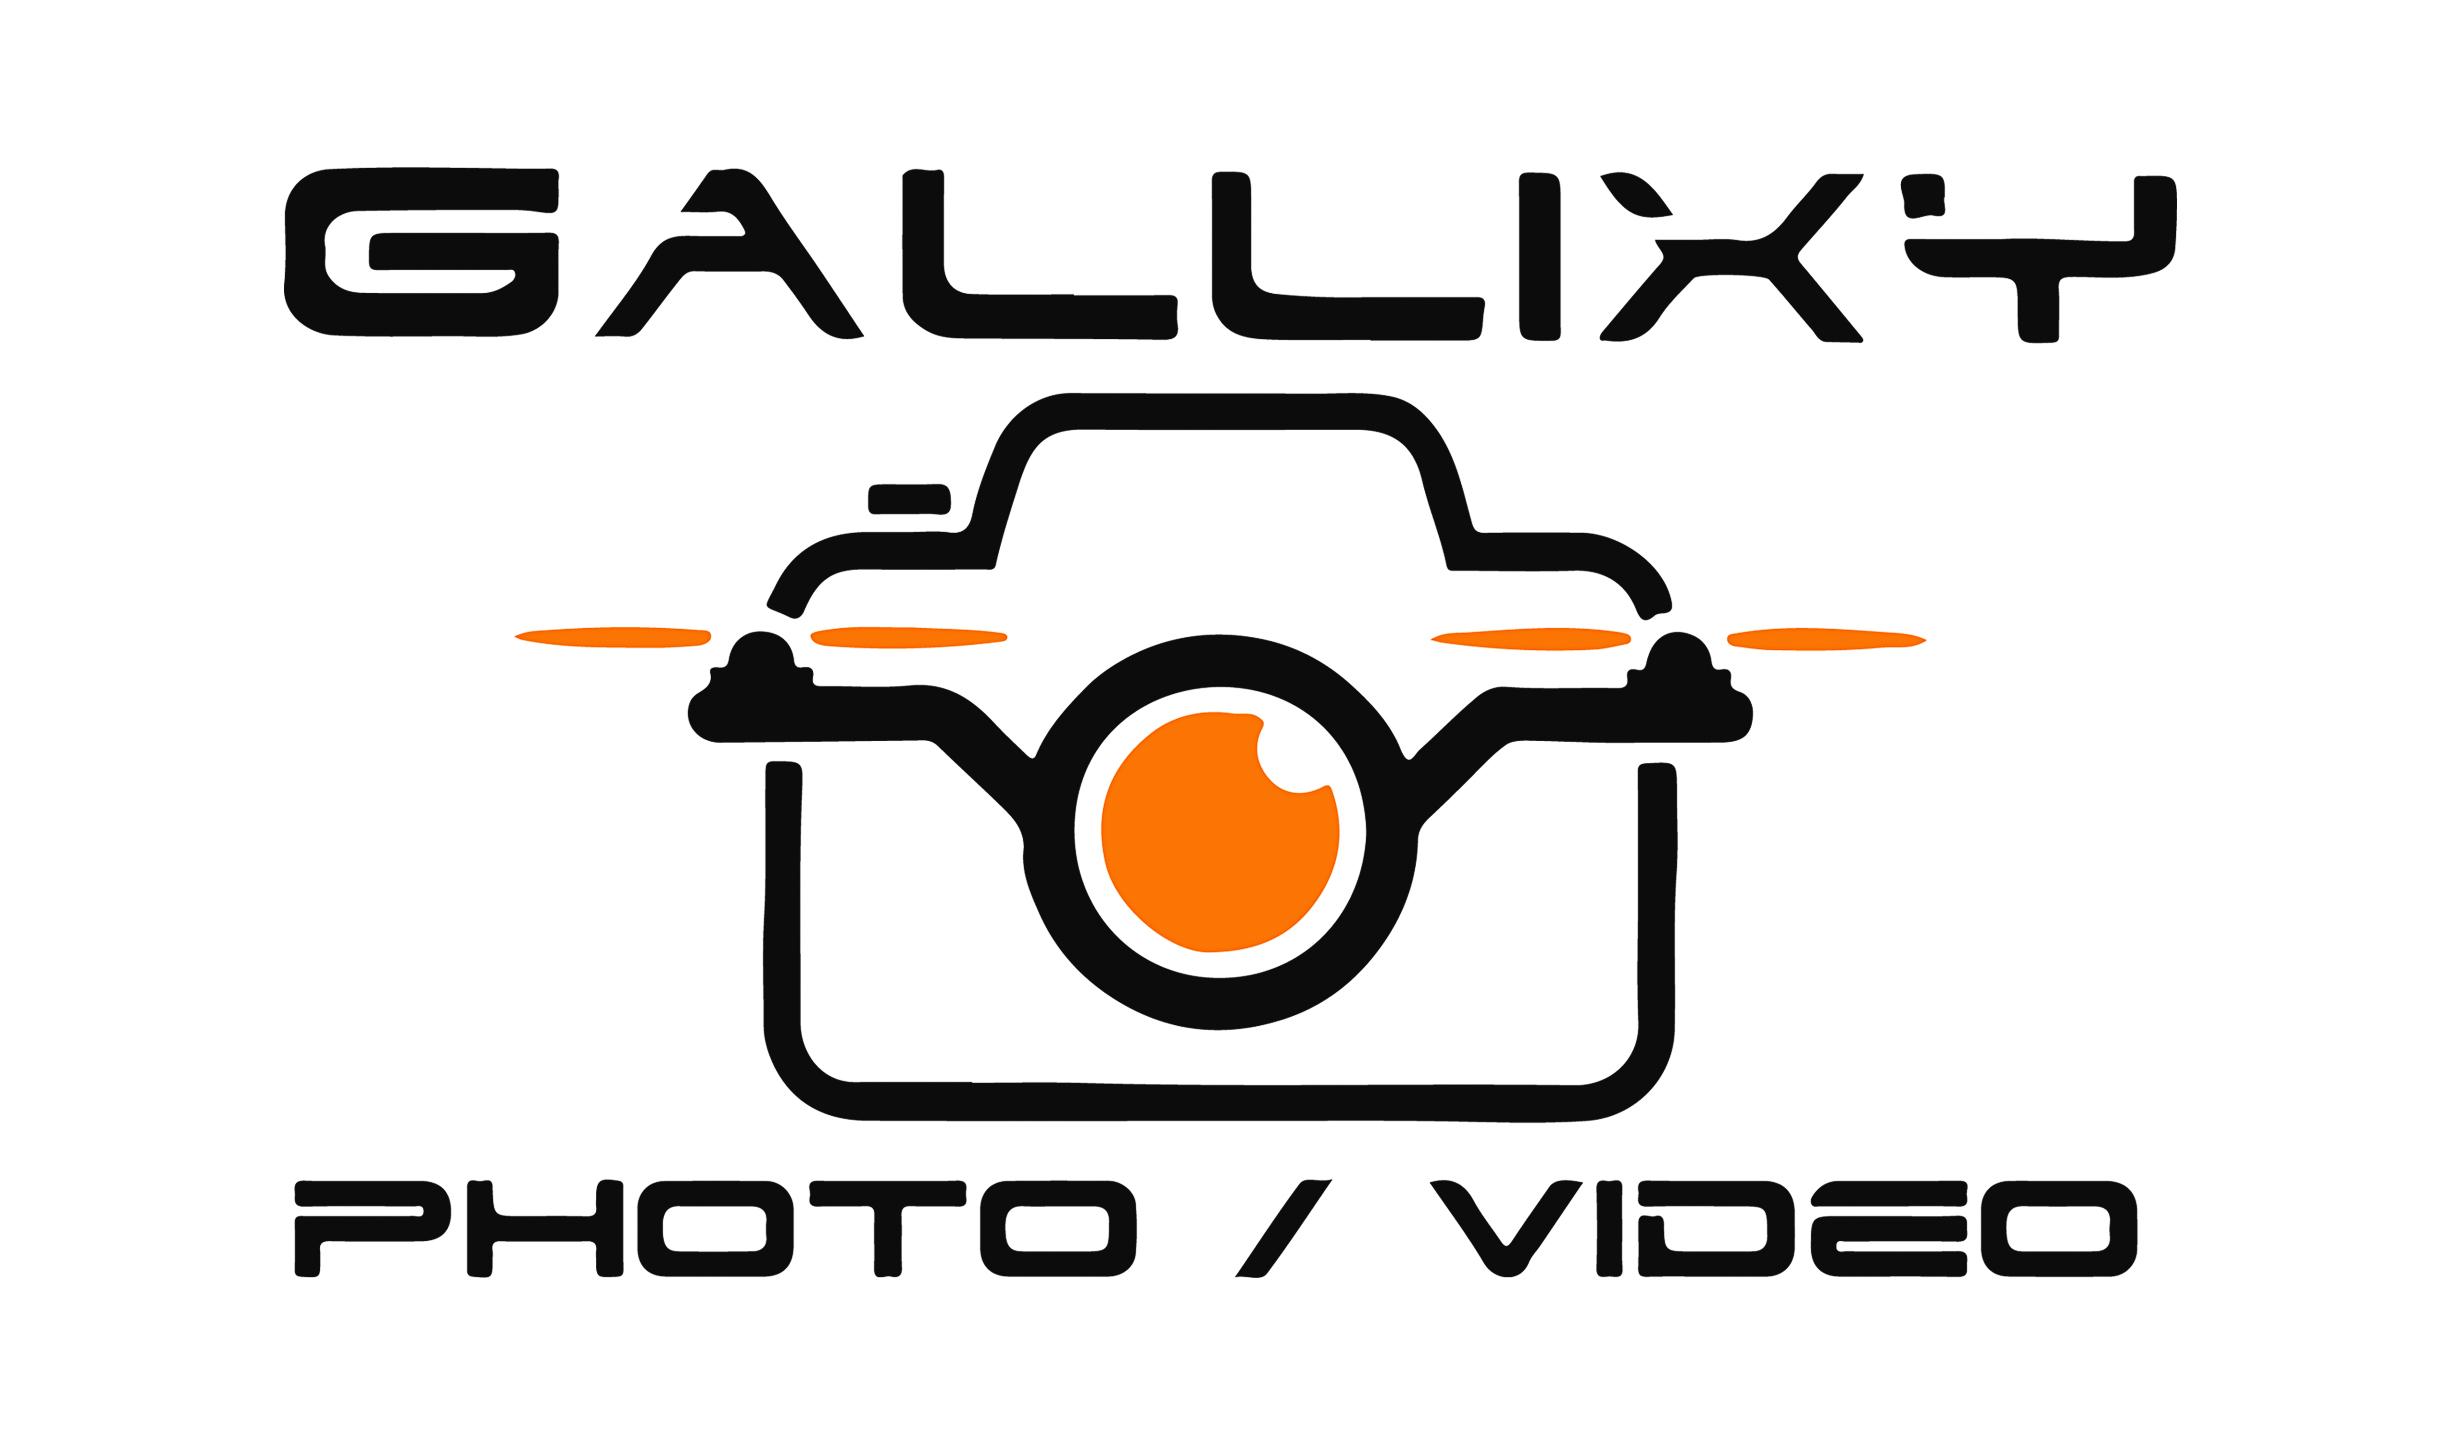 Gallixy Photo floor plan in Fairfield